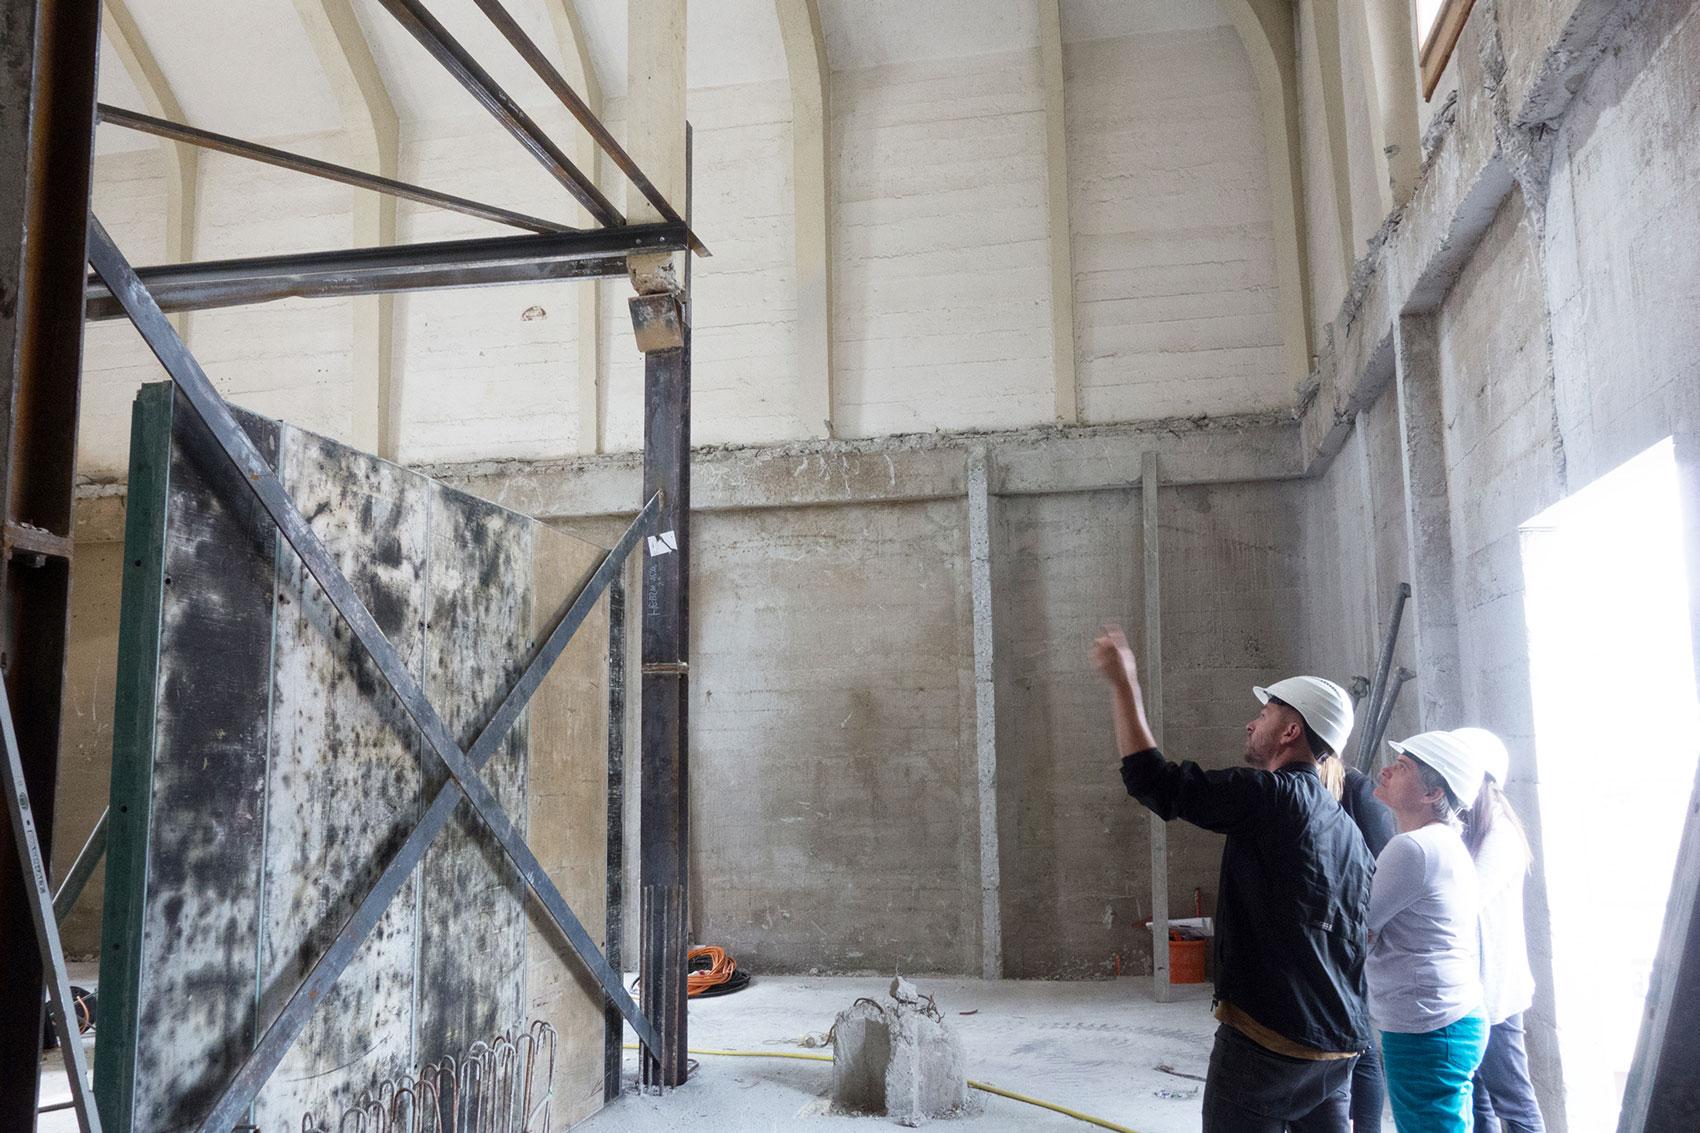 visite de chantier | moulin de sion